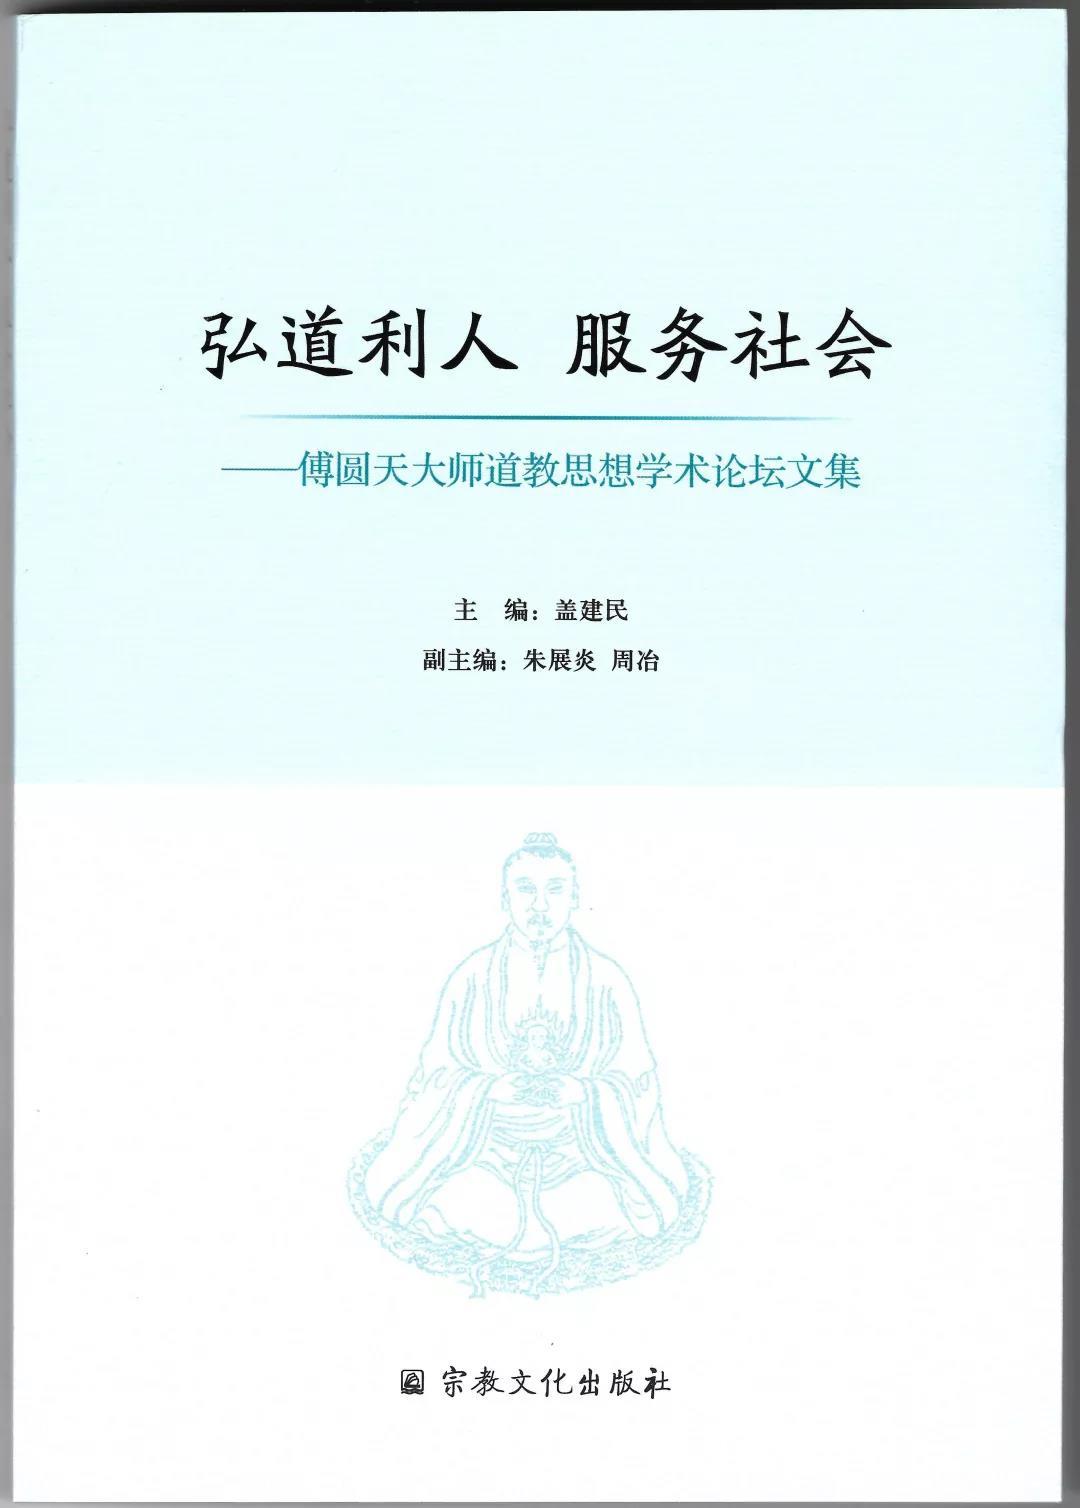 《弘道利人 服務社會——傅圓天大師道教思